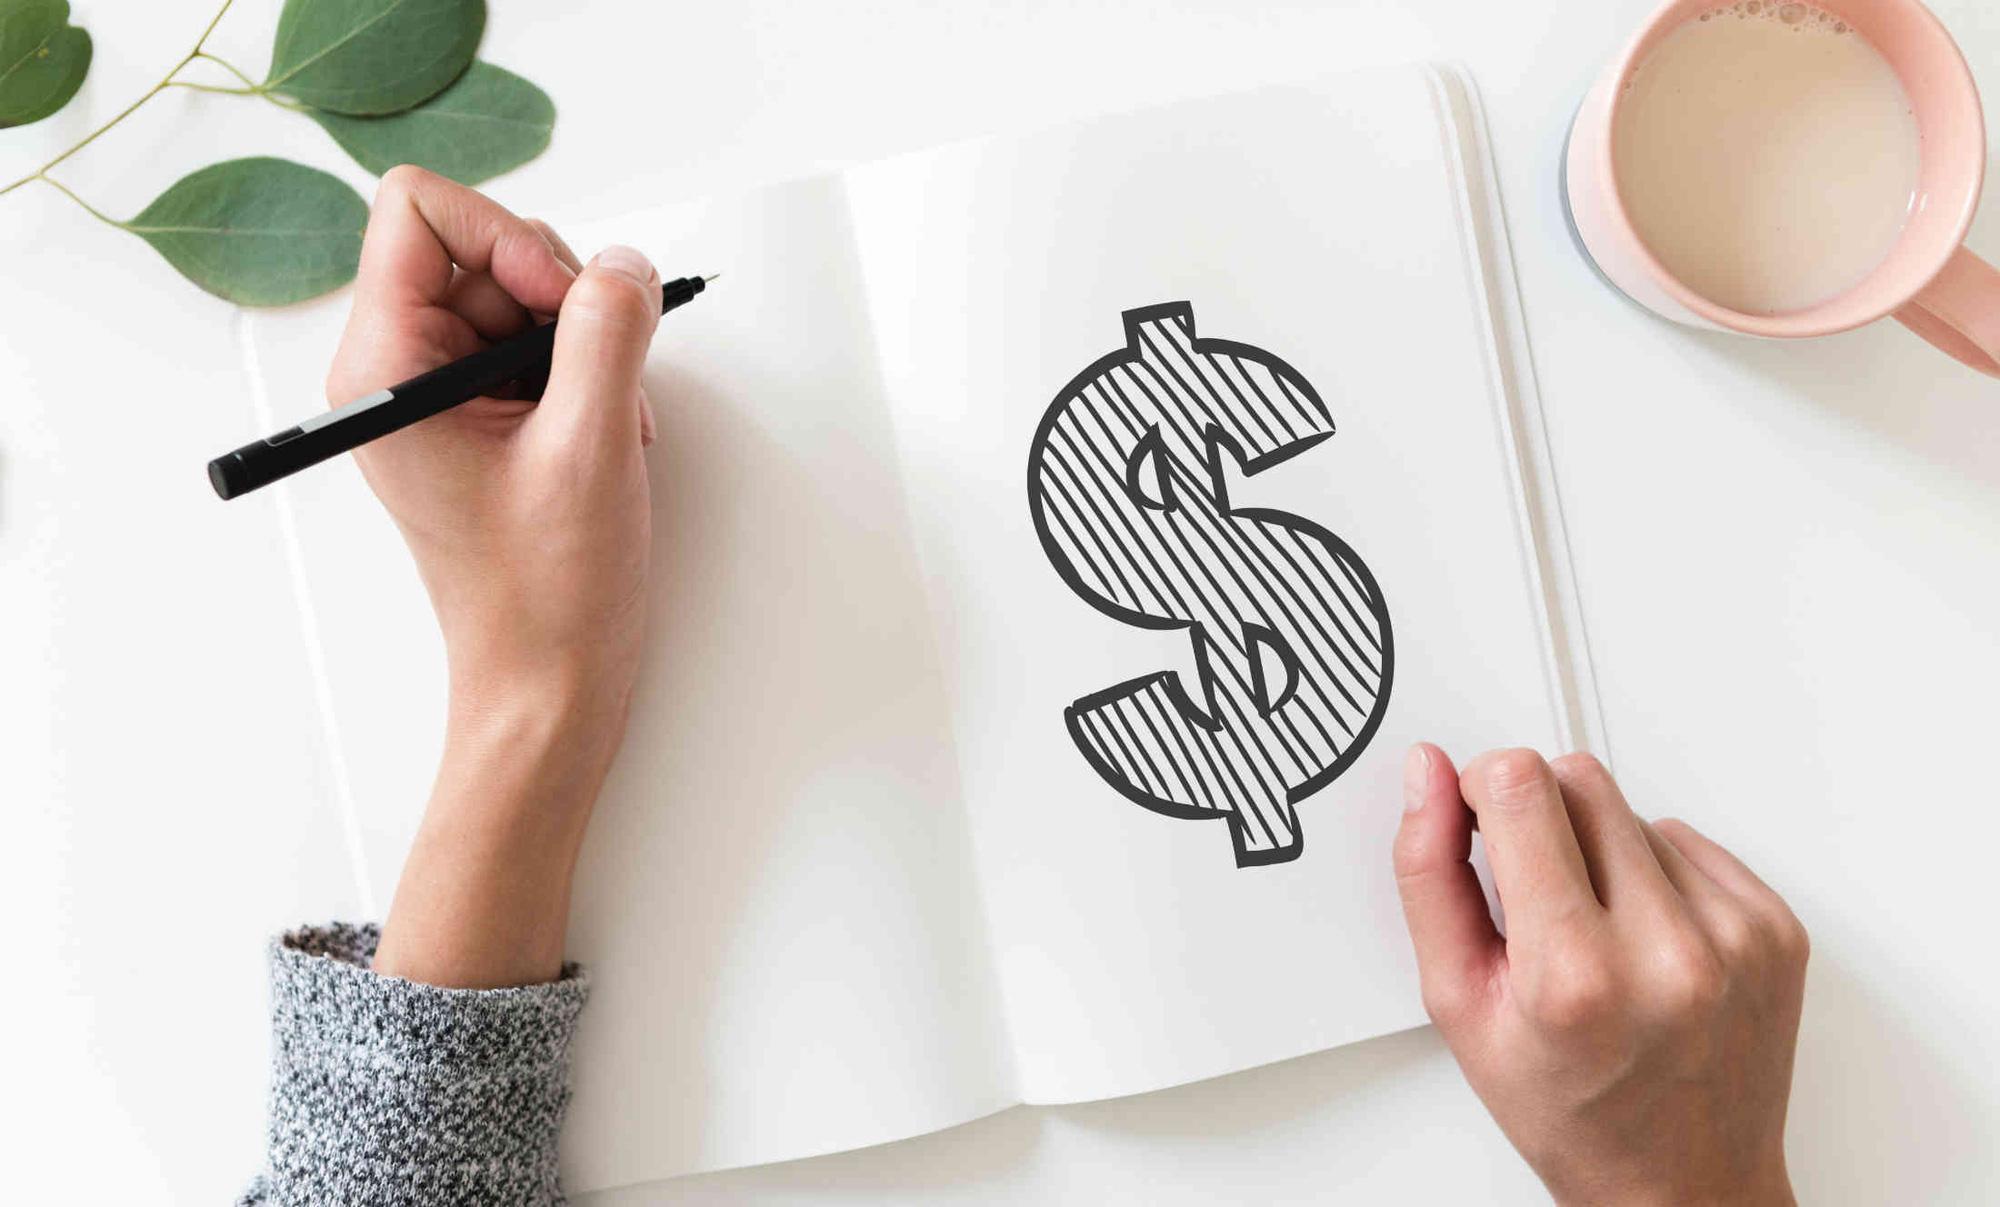 Cách thay đổi tư duy về tiền sẽ giúp bạn quản lý tài chính tốt hơn - Ảnh 1.